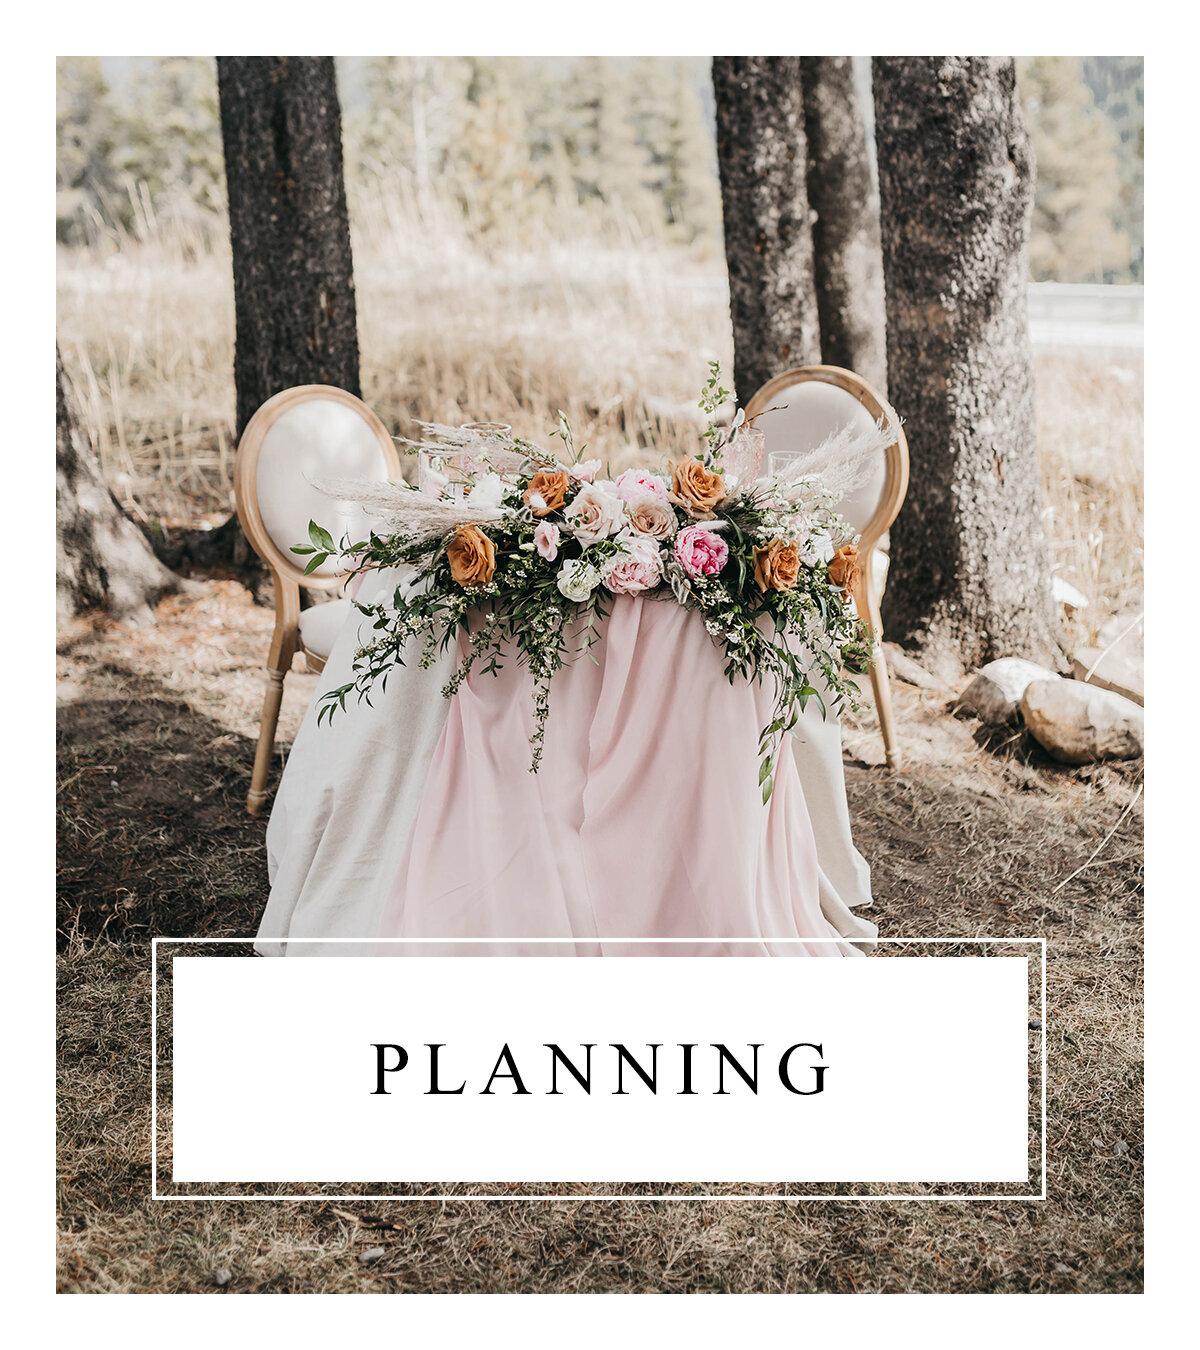 Bronte Bride - Alberta Wedding Vendor Guide - Planning